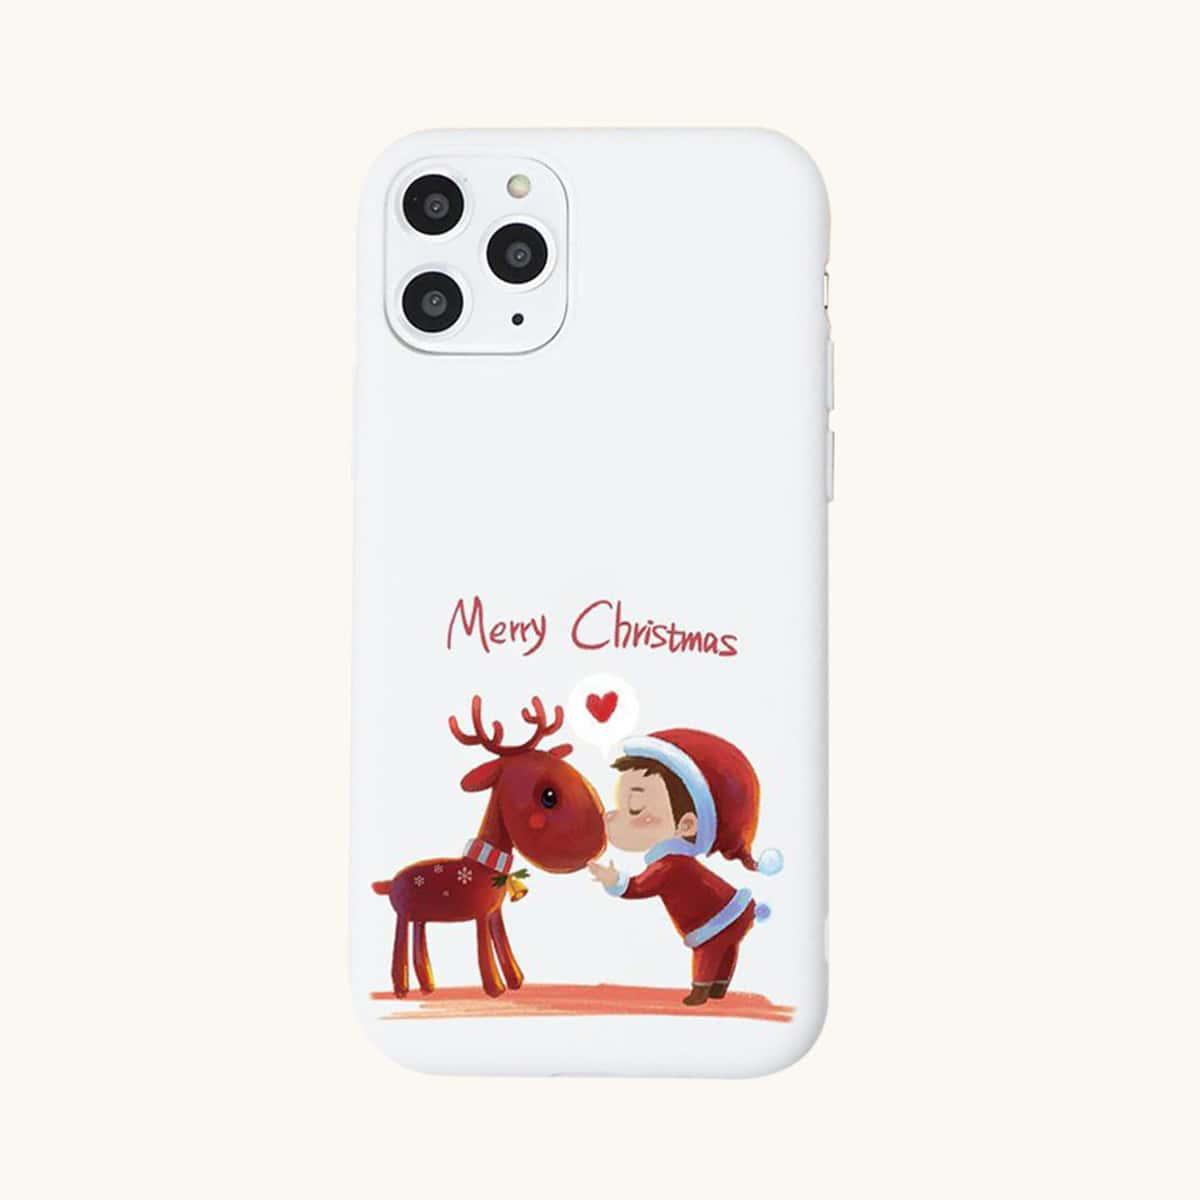 Handy Schutzhülle mit Weihnachten Muster